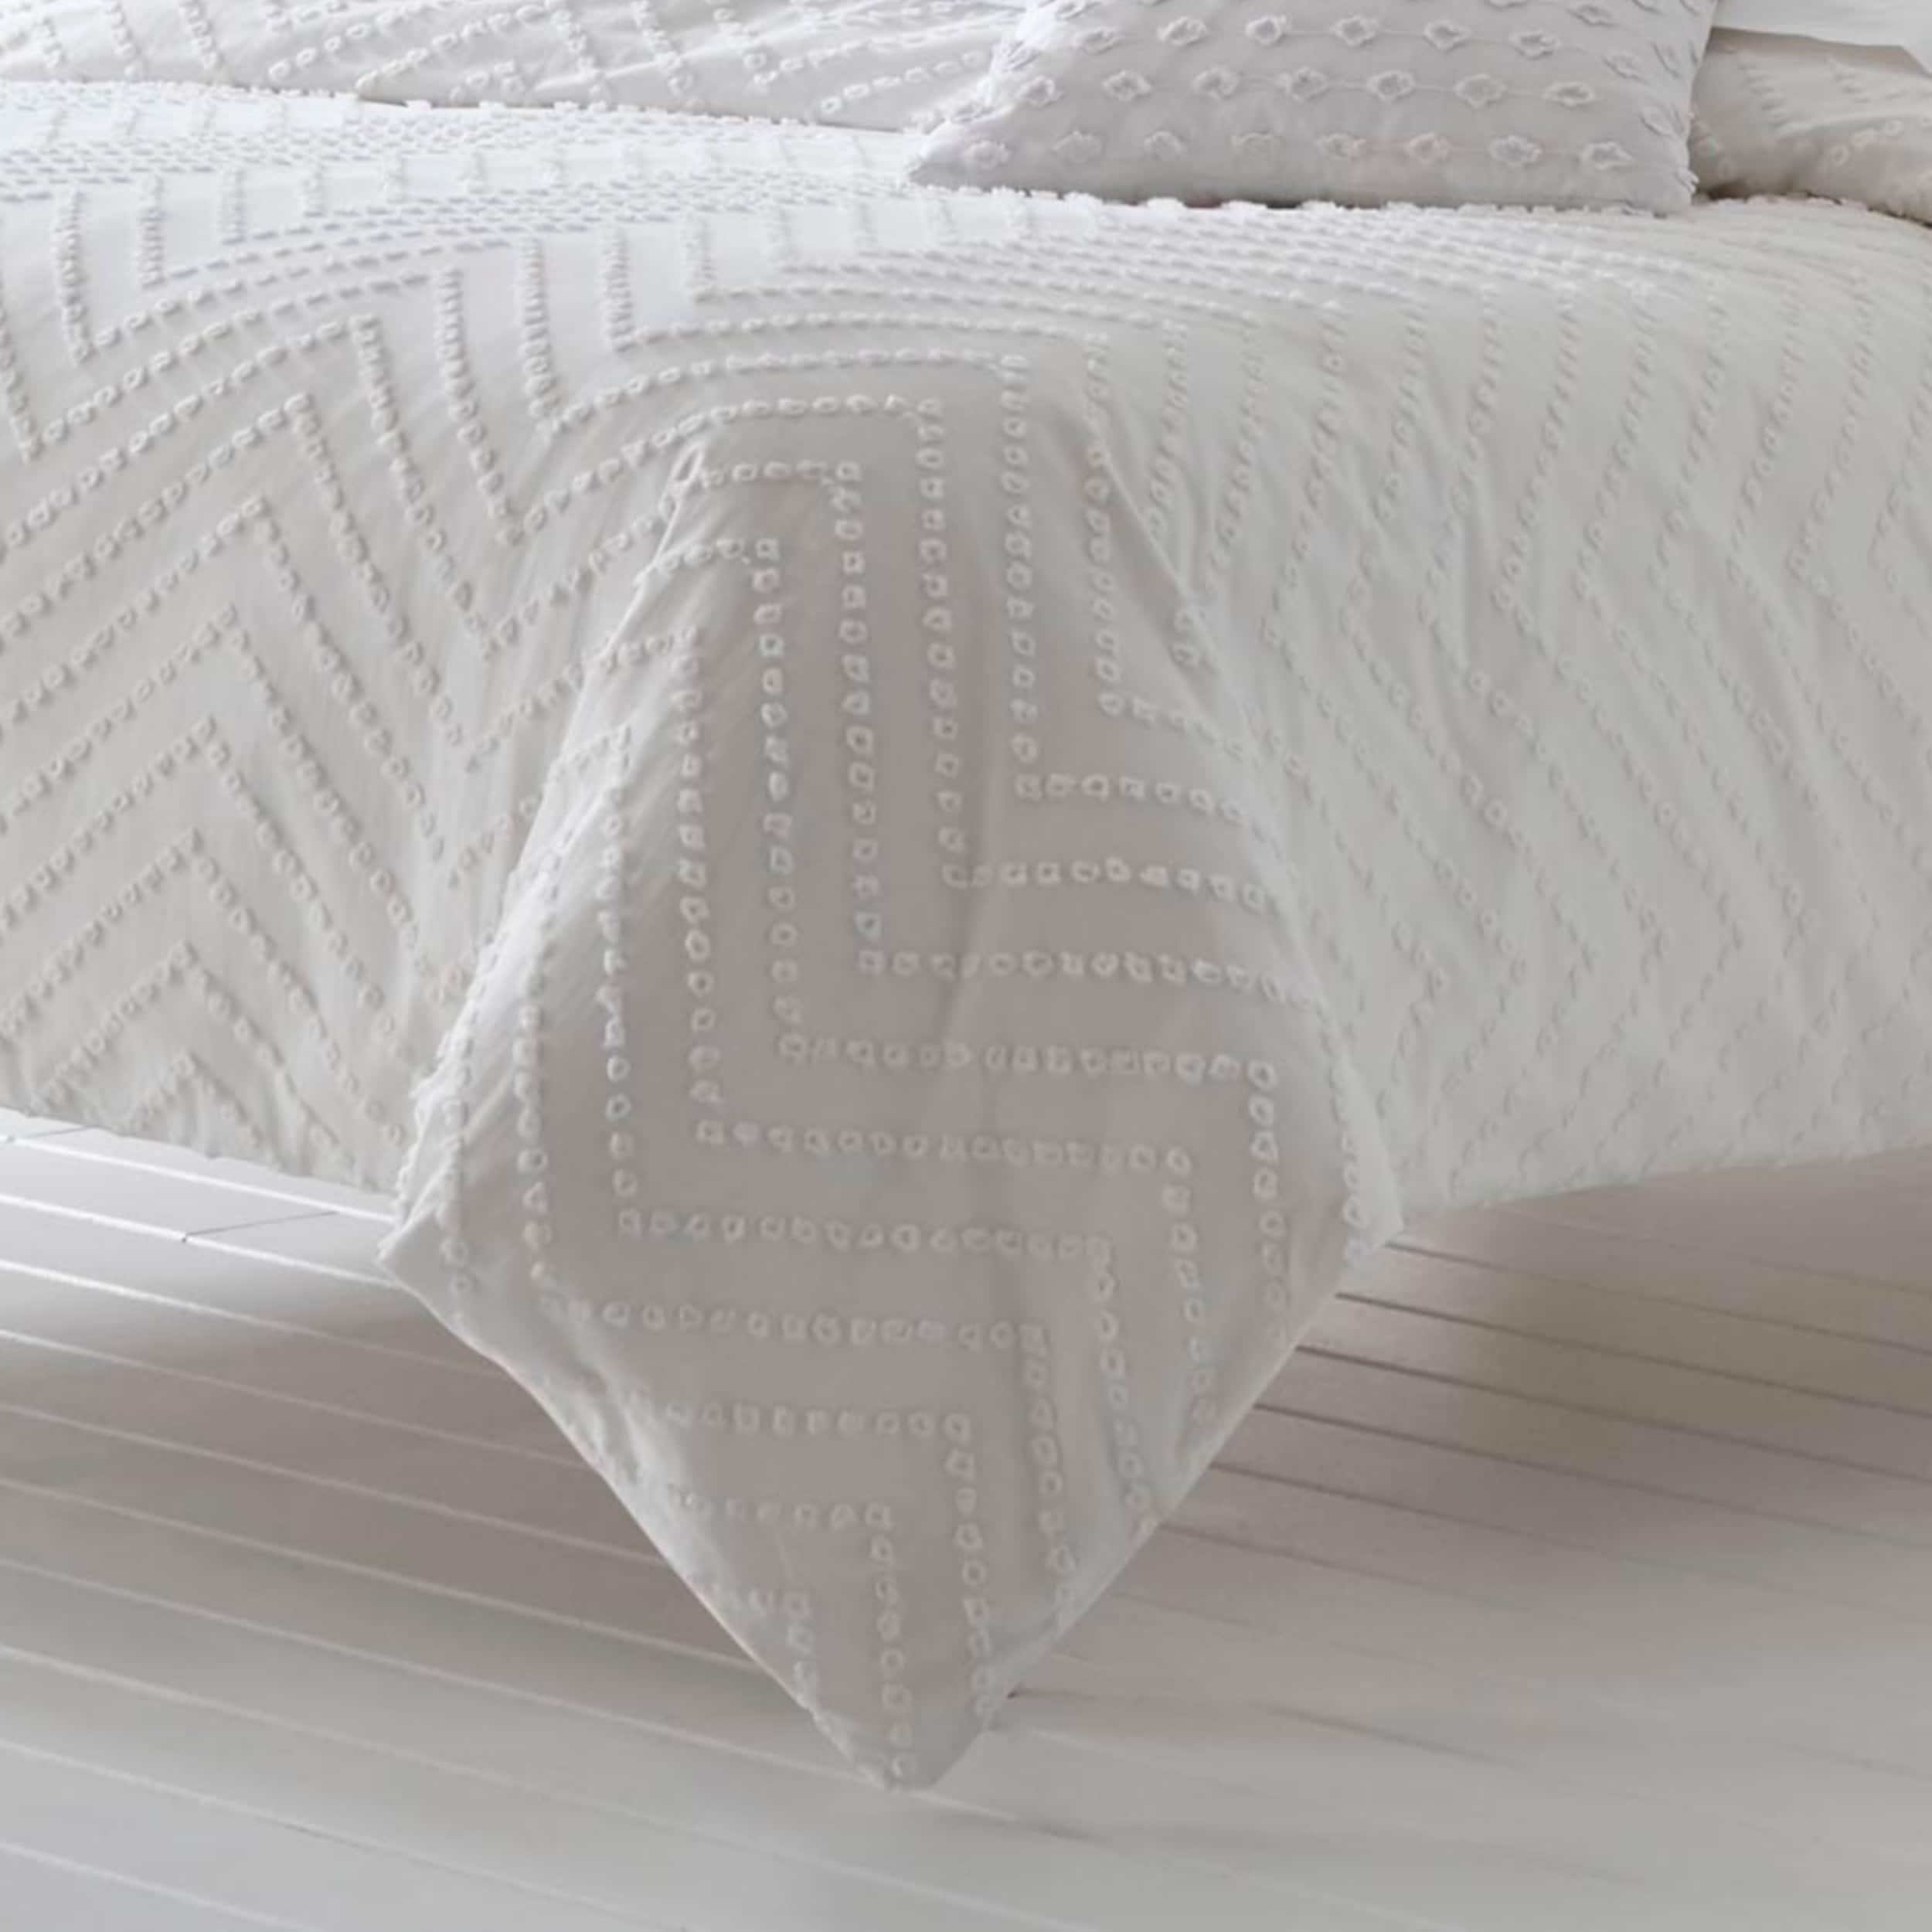 Trina Turk Freya White Duvet Cover Set On Sale Overstock 24331037